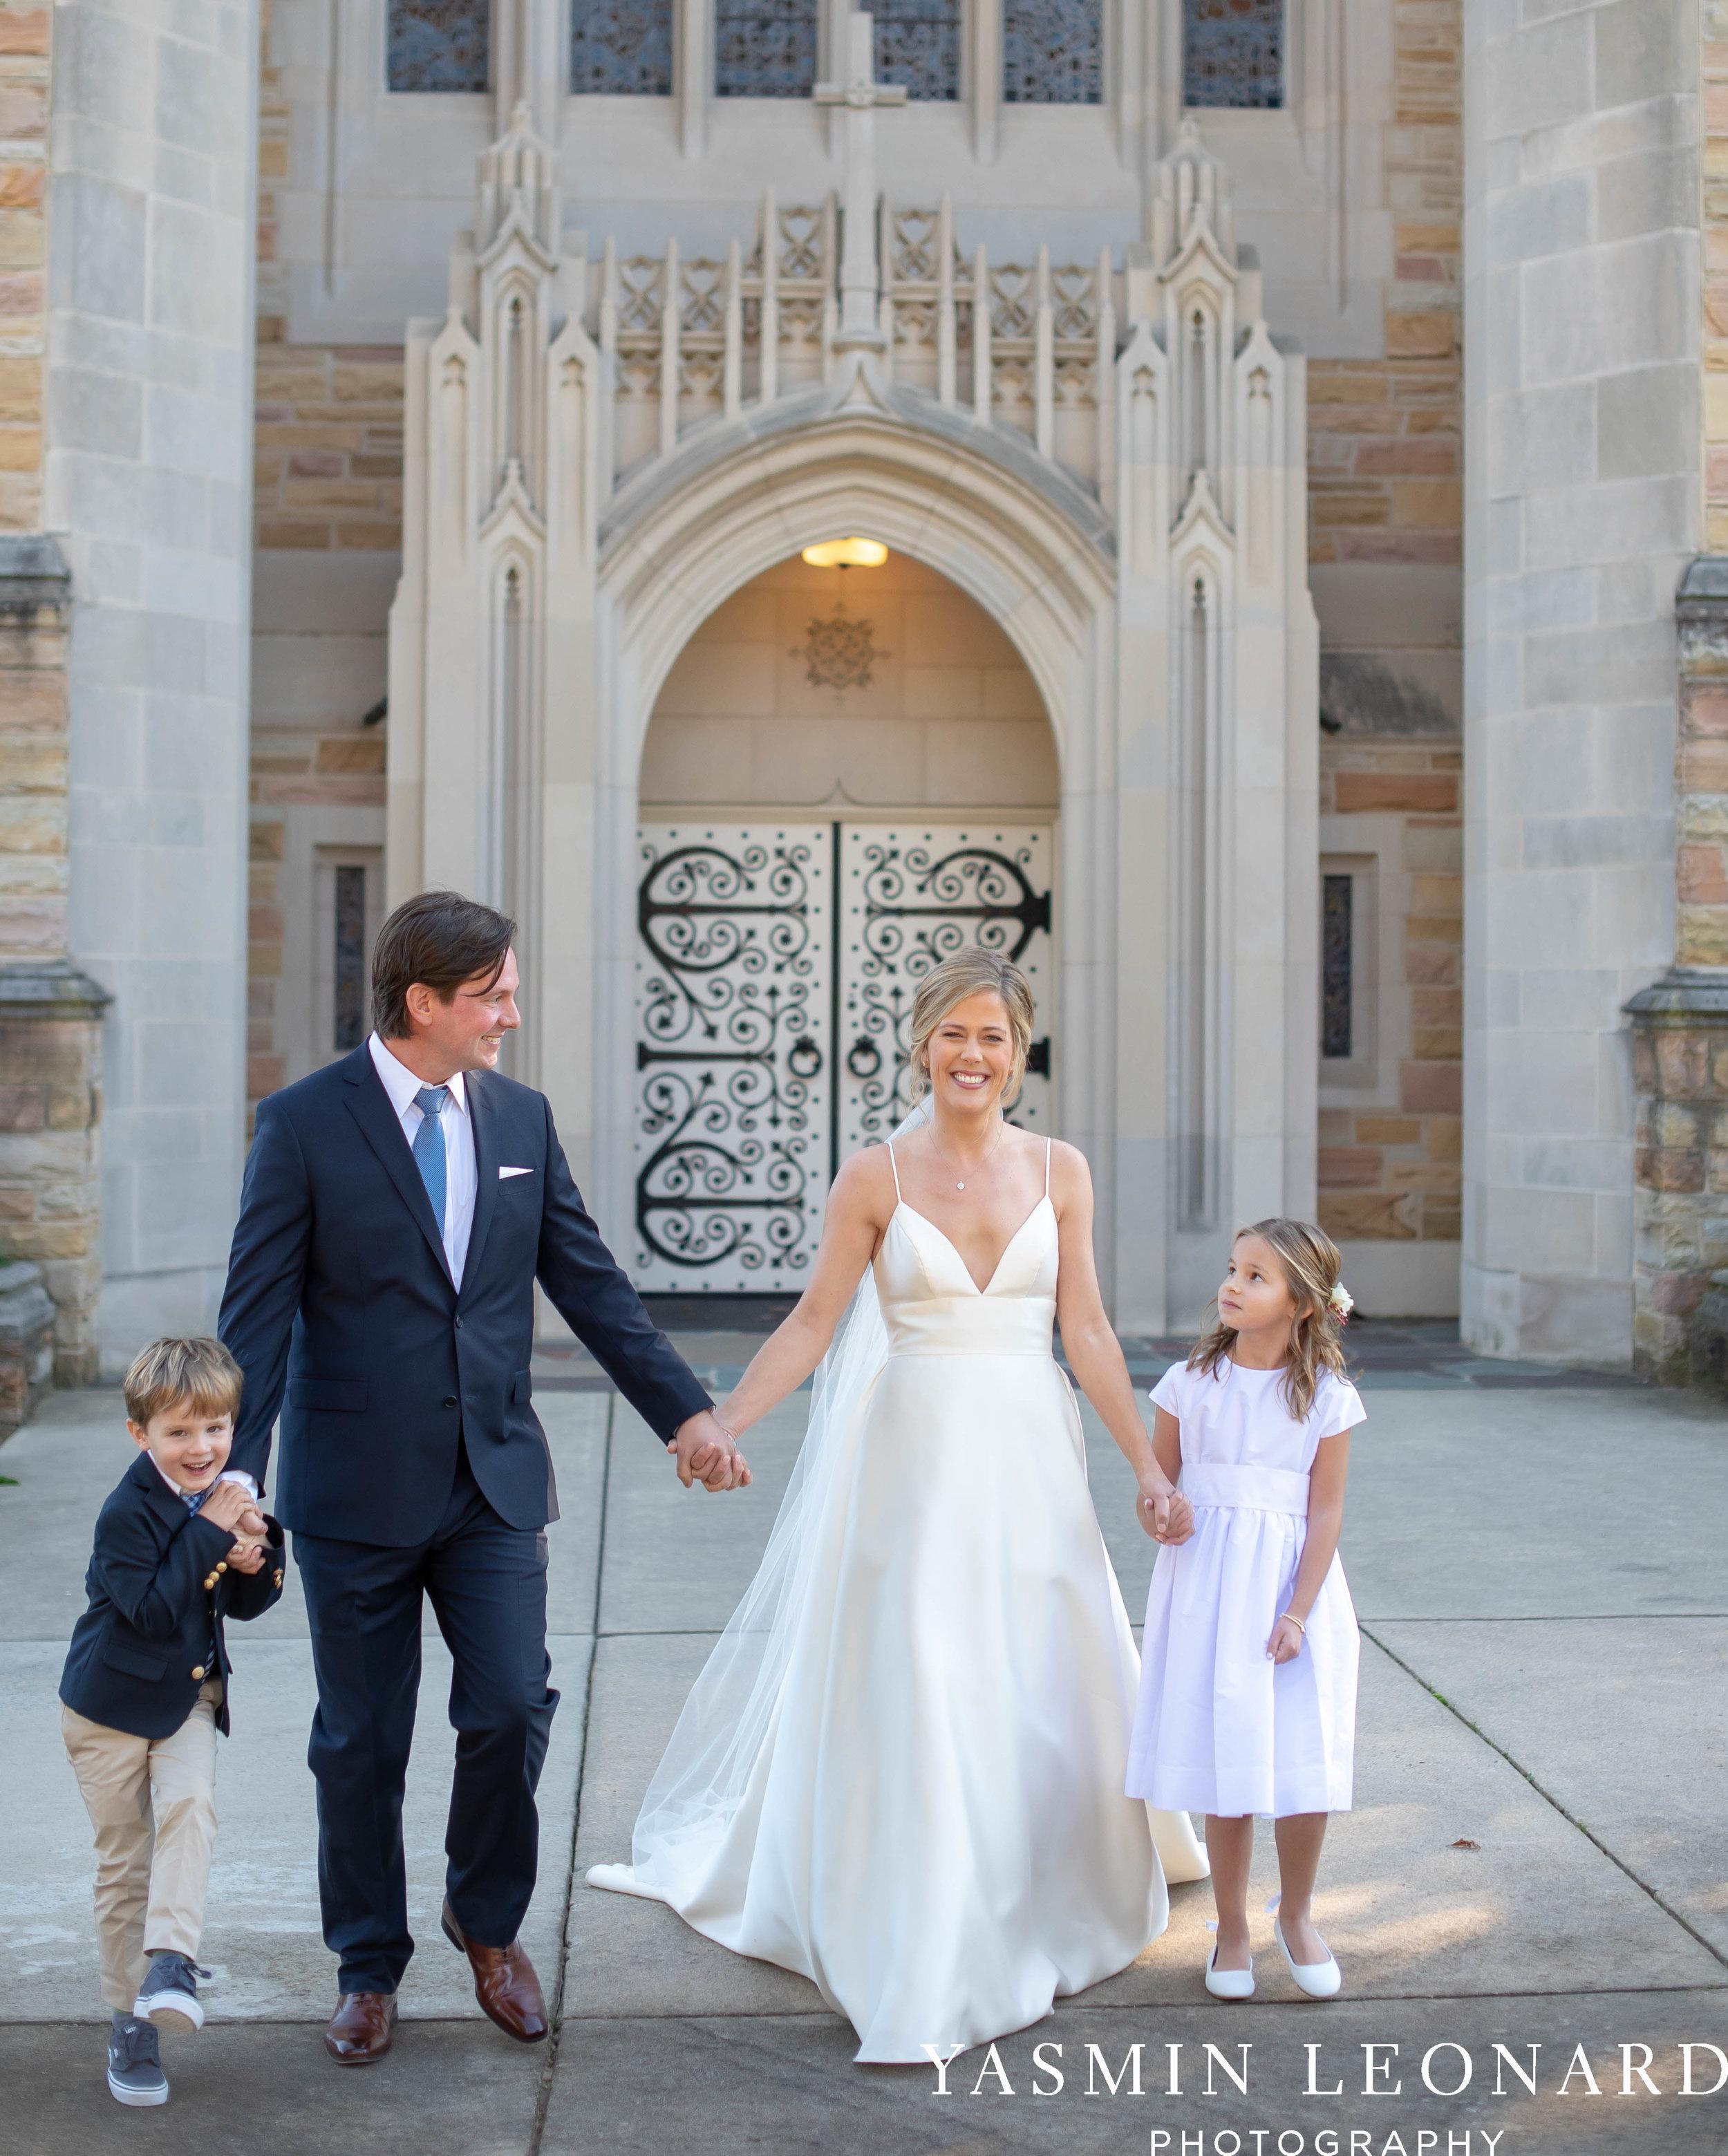 Wesley Memorial United Methodist Church - EmeryWood - High Point Weddings - High Point Wedding Photographer - NC Wedding Photographer - Yasmin Leonard Photography-33.jpg